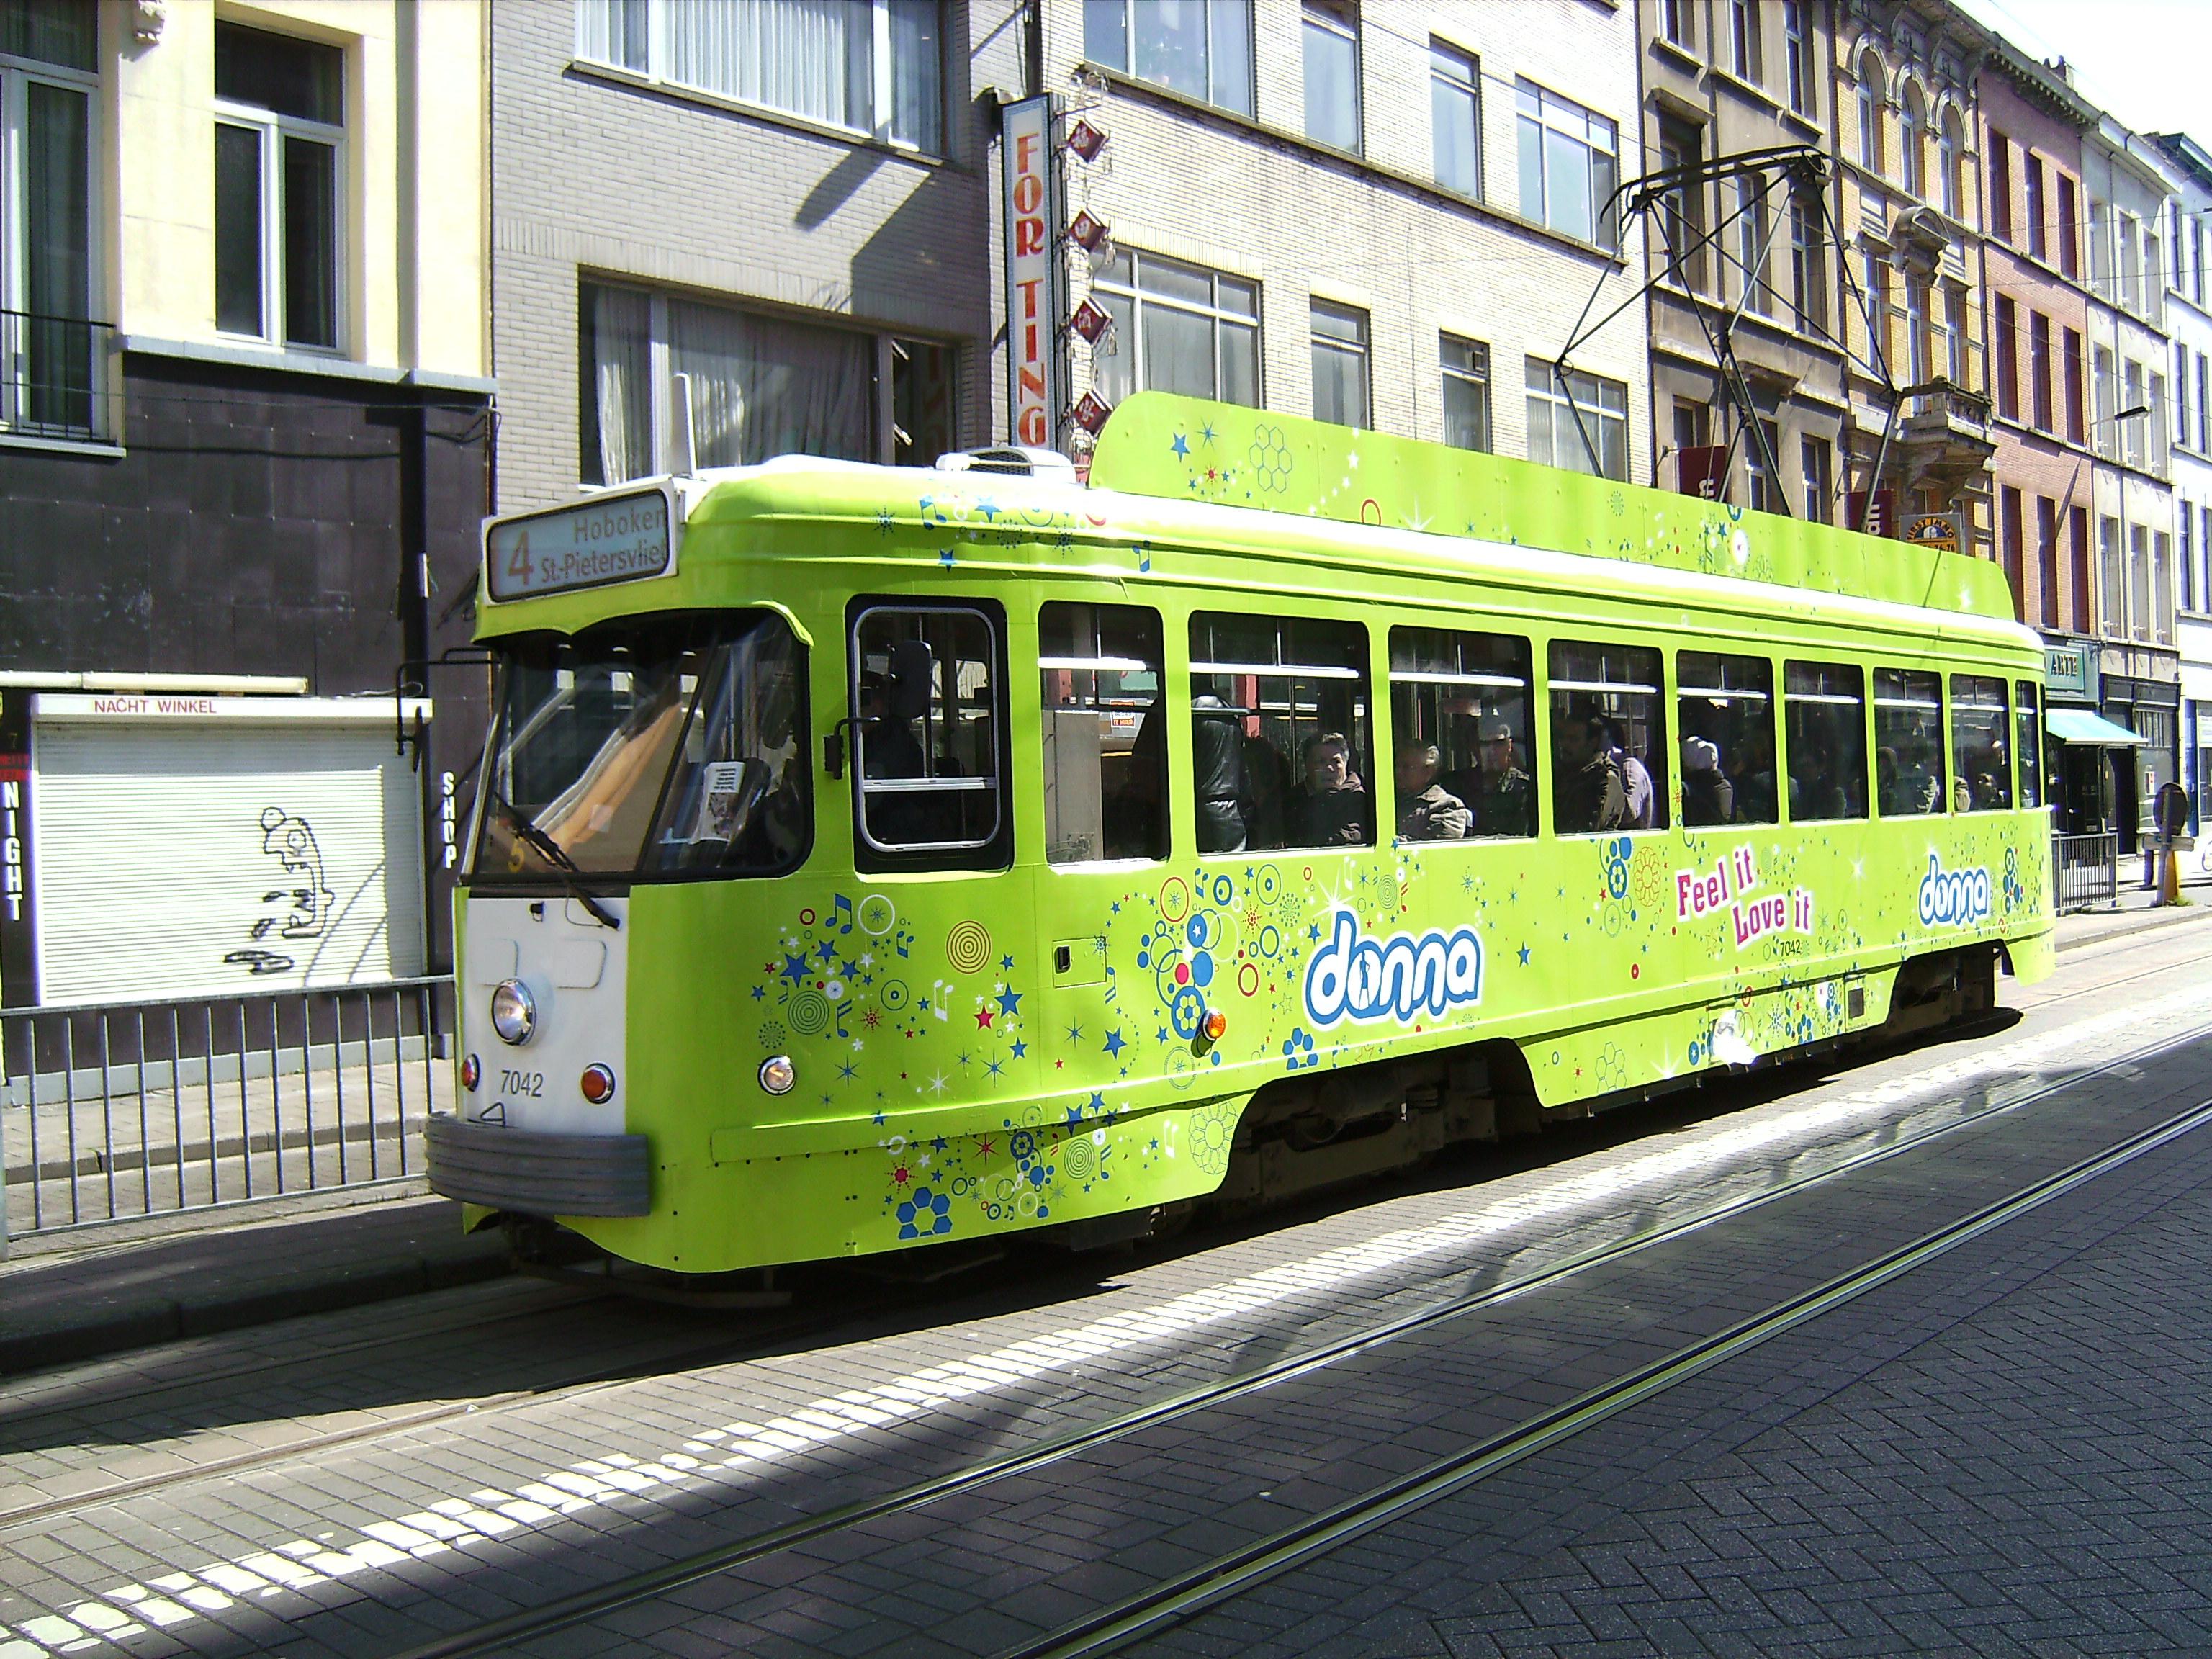 File:Antwerp tram 7042.jpg